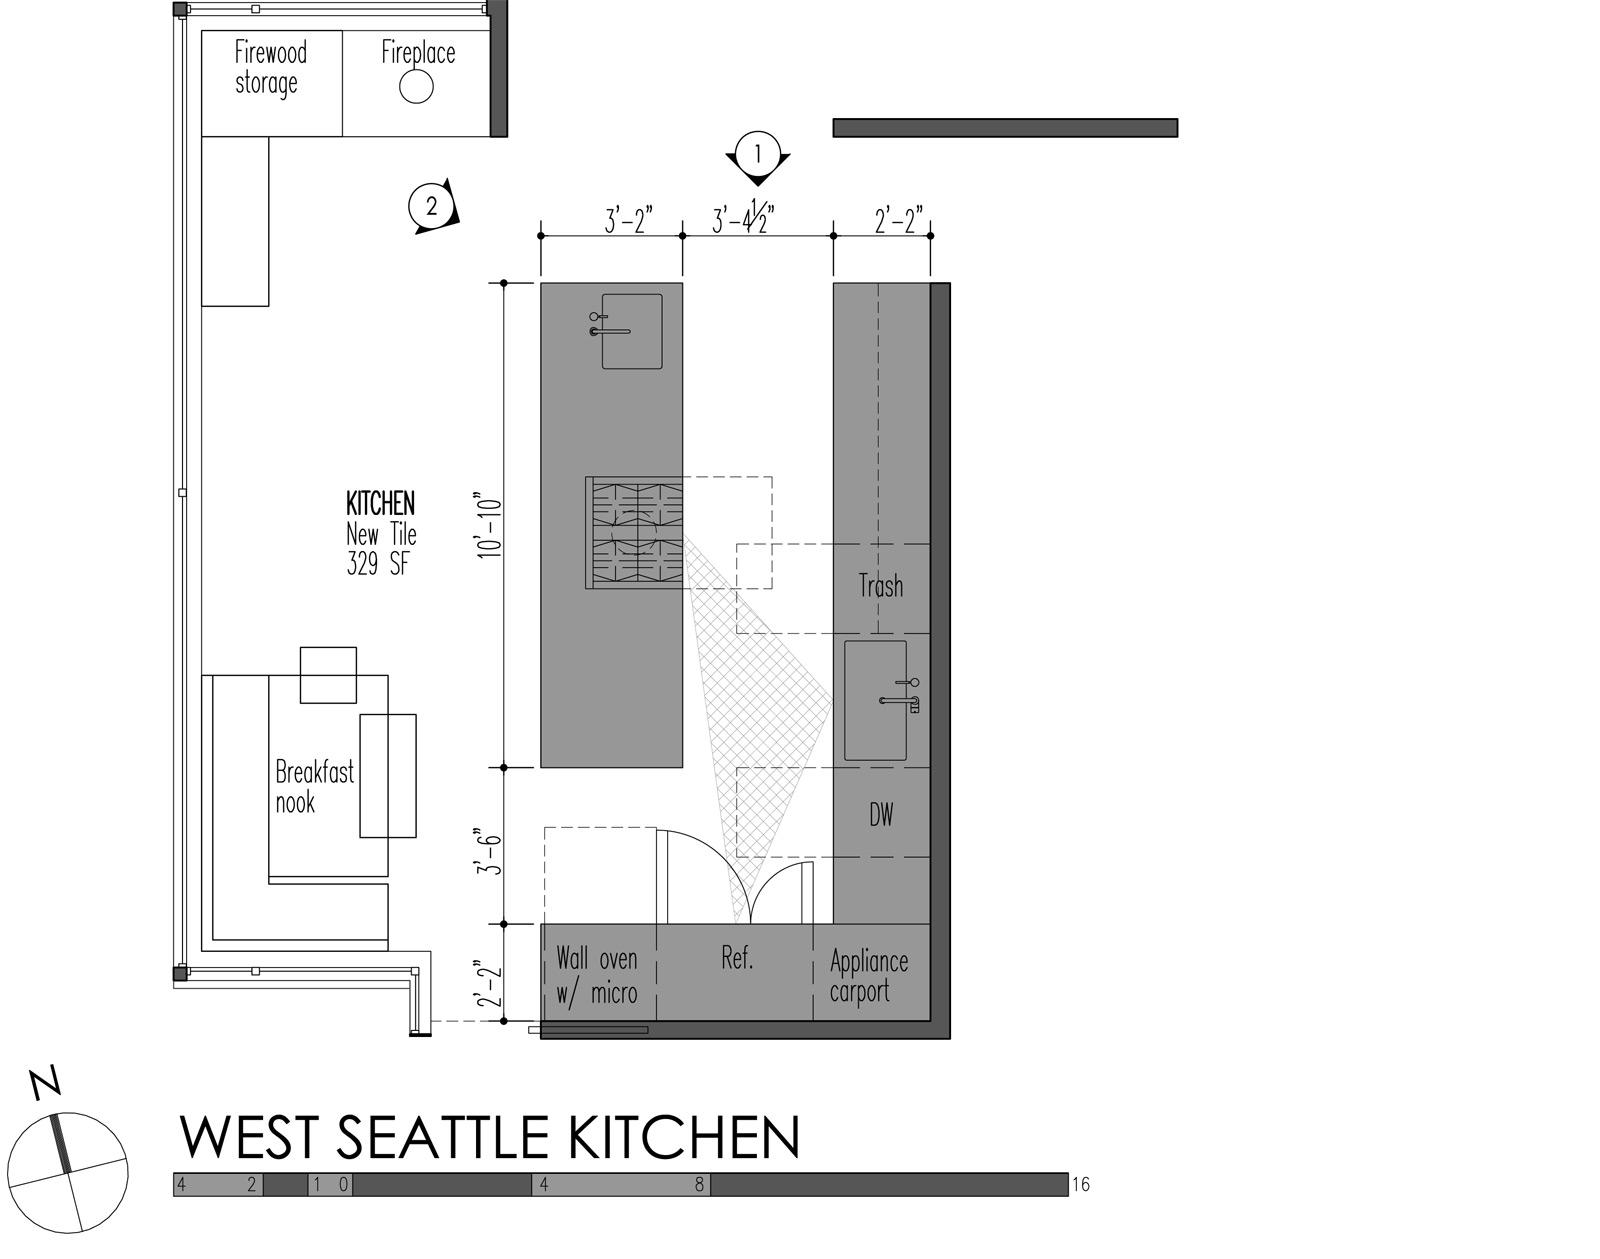 5 modern kitchen designs principles kitchen cabinet dimensions West Seattle Kitchen plan